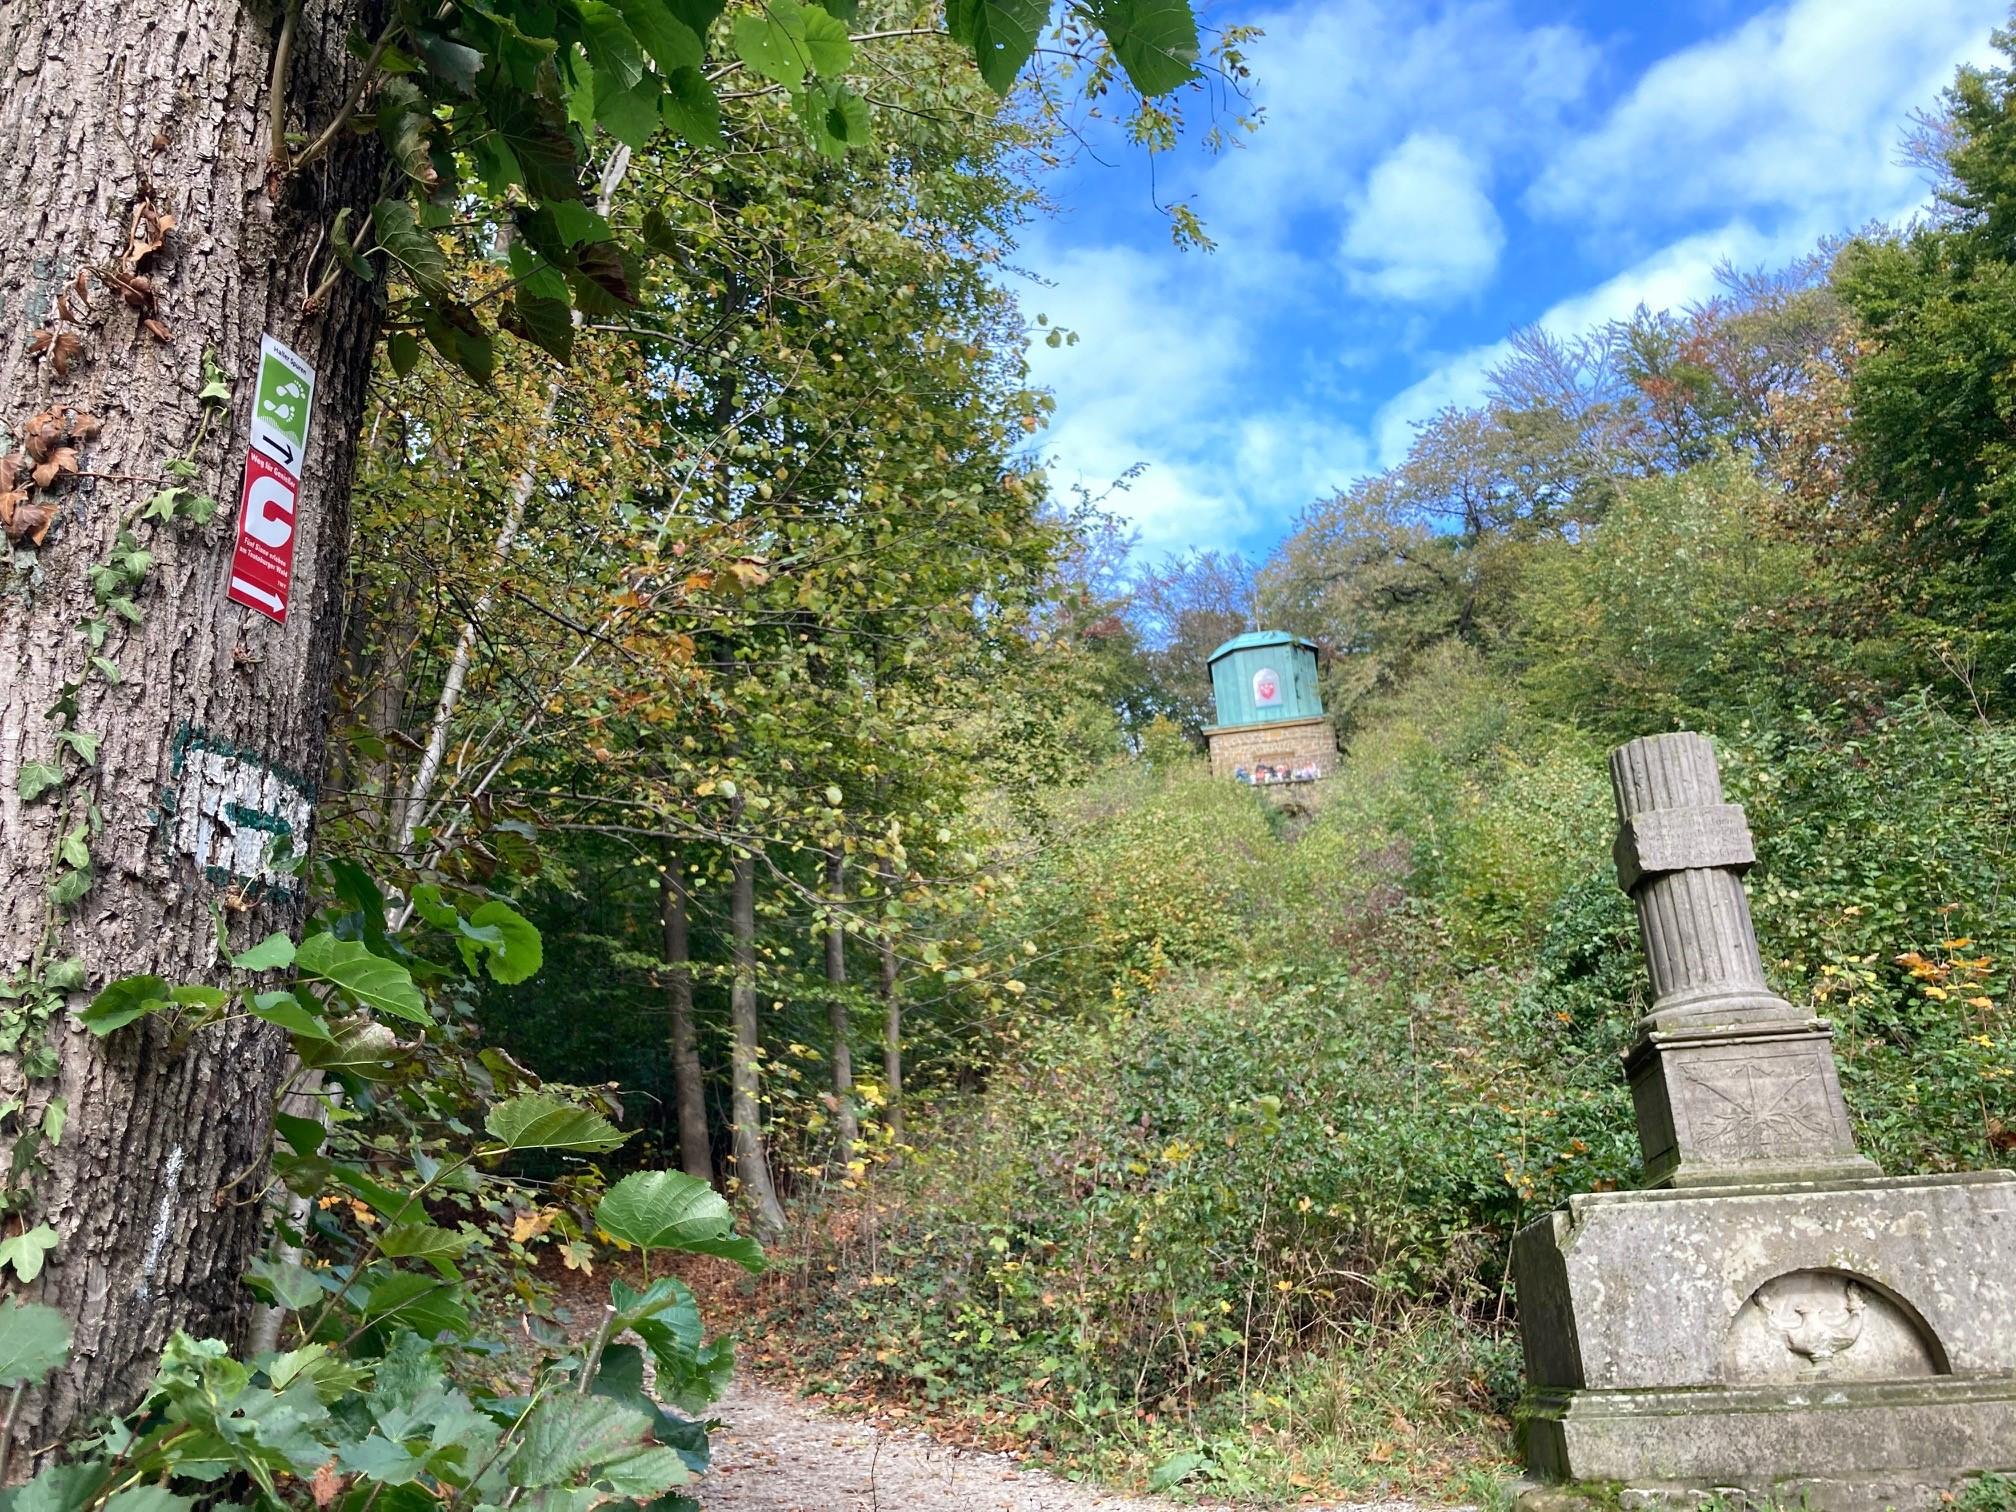 Aussichtspunkt Kaffeemühle, im Vordergrund ist das Hagedorndenkmal zu sehen